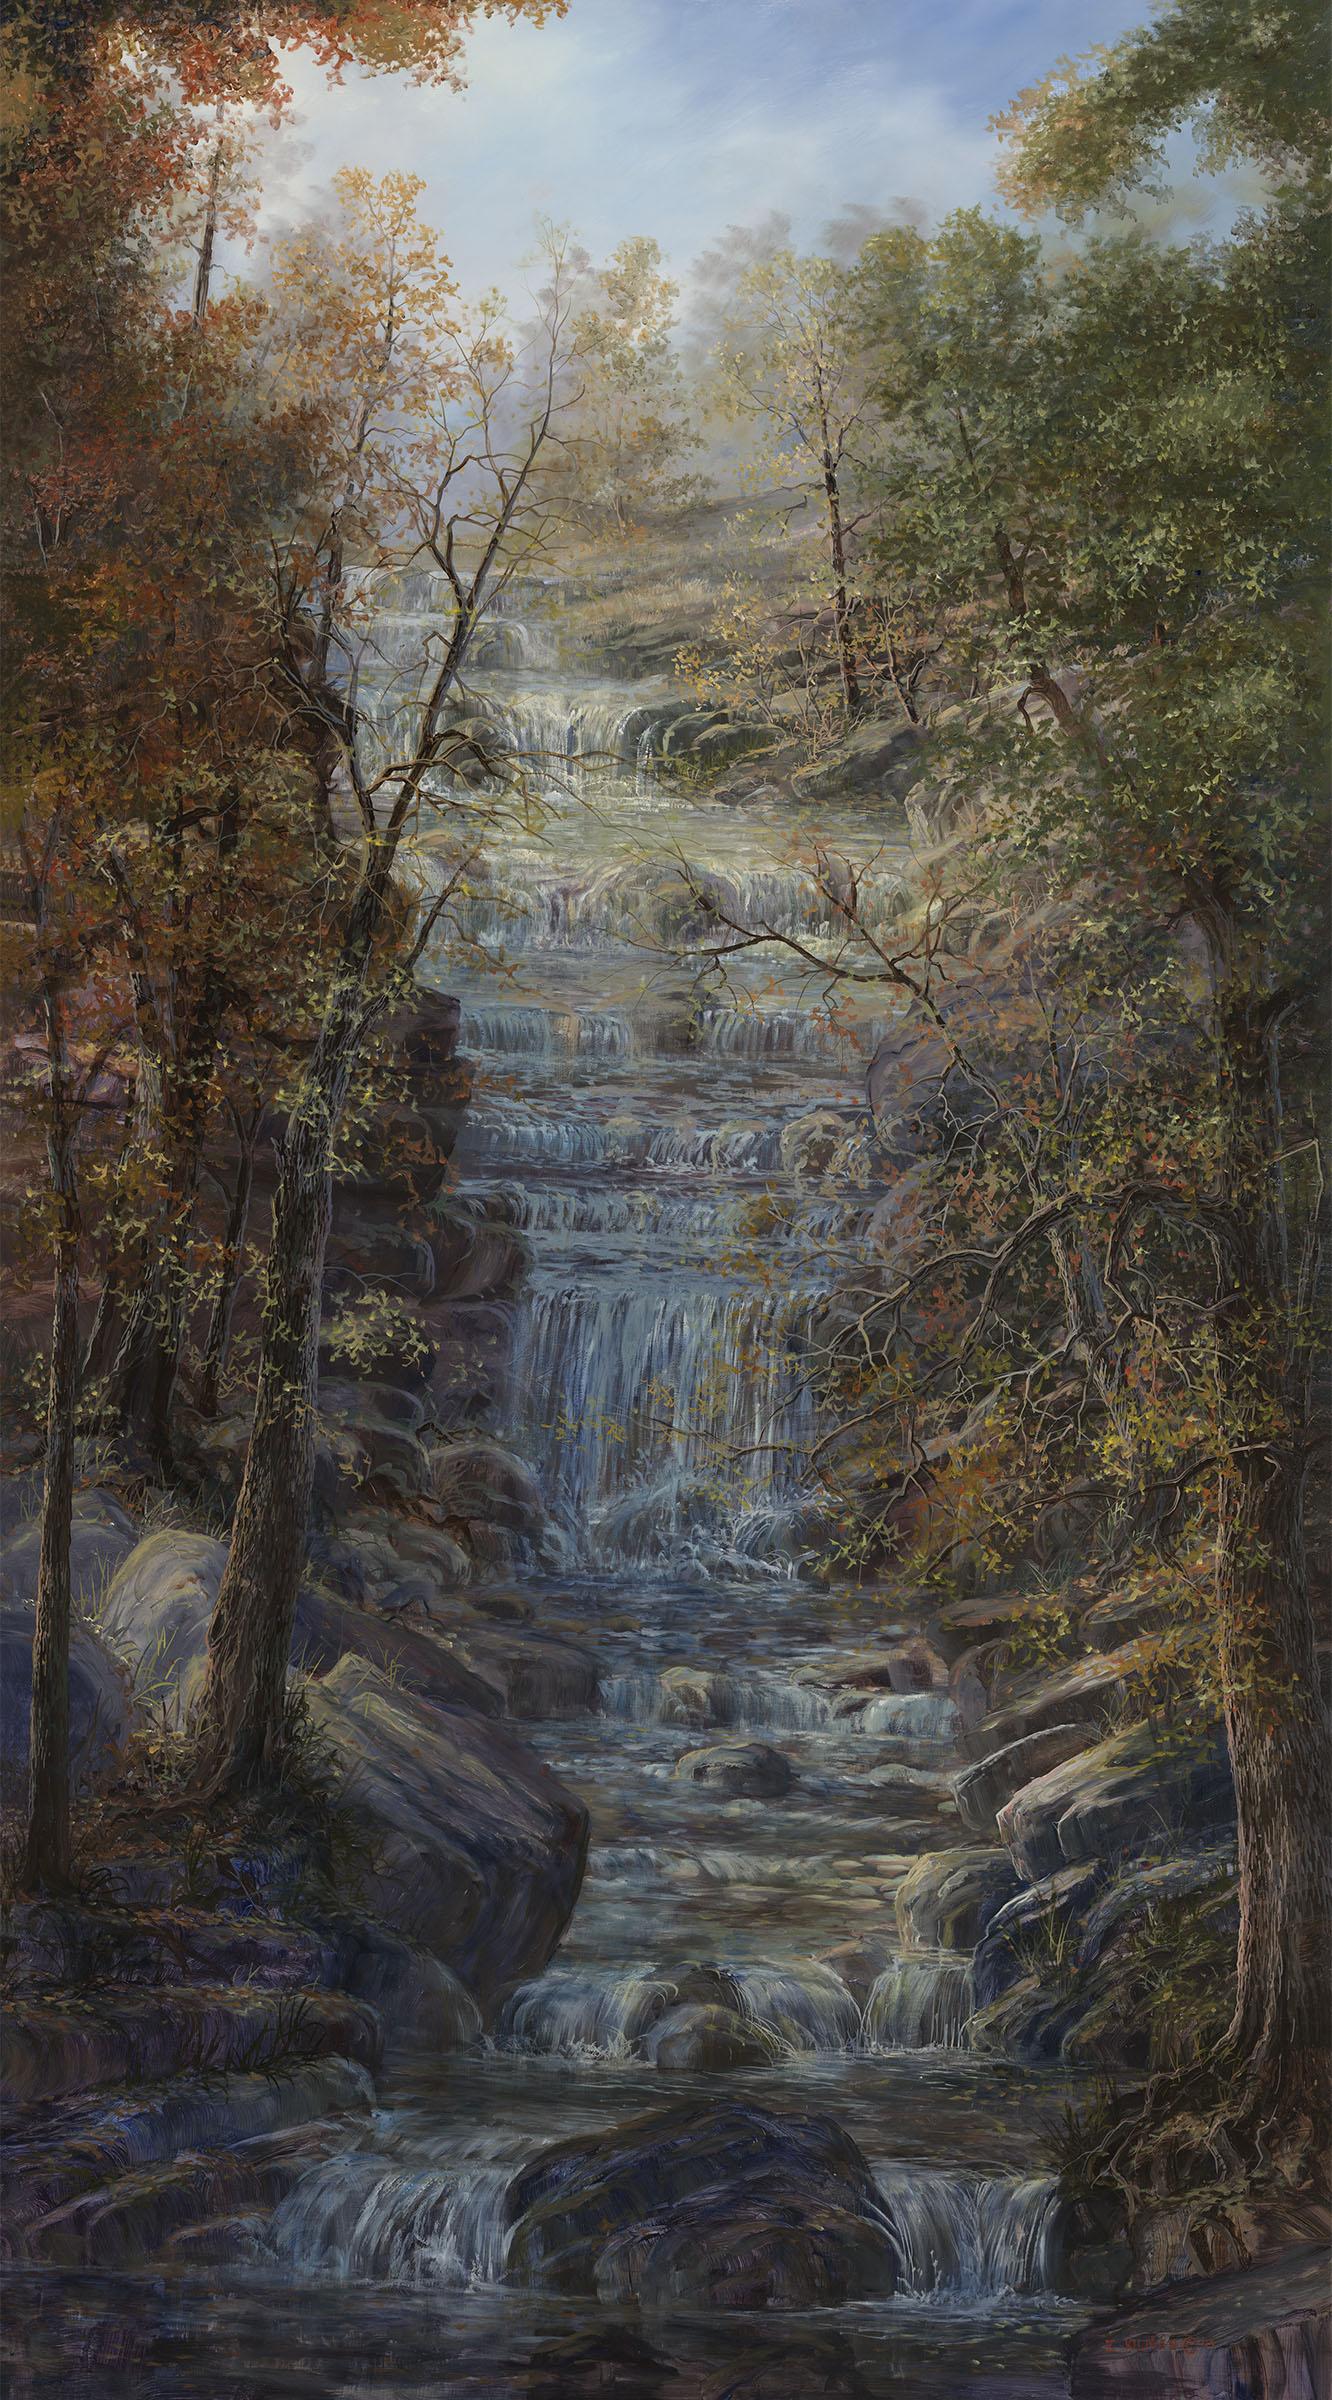 Marty's Falls